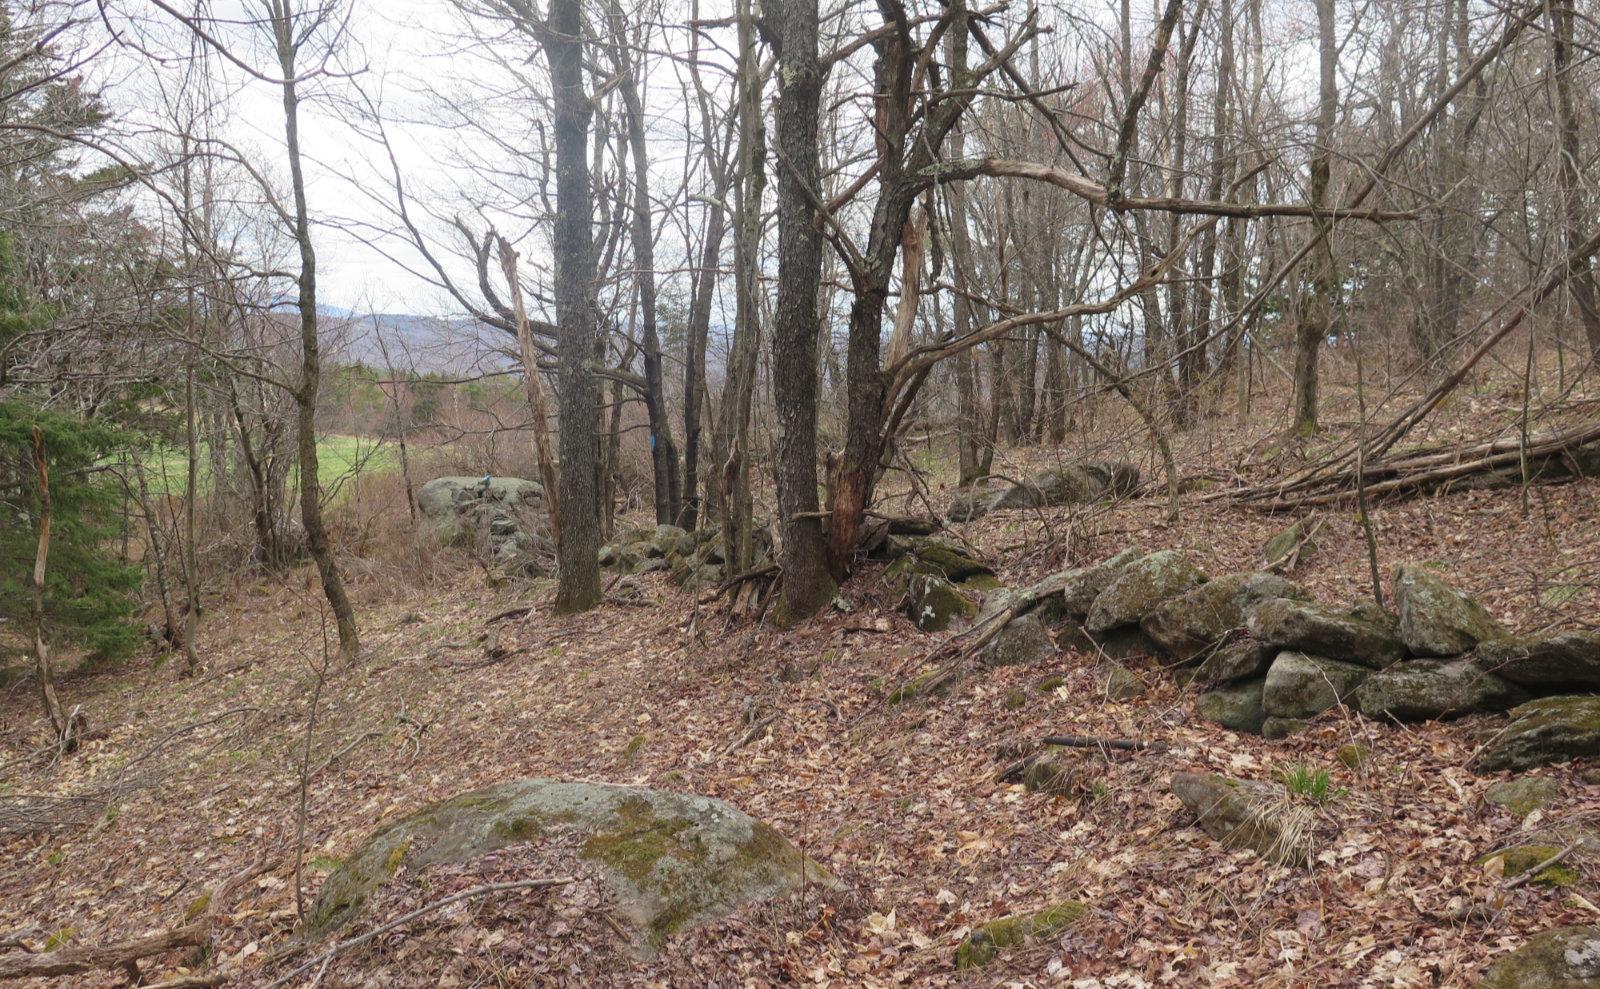 06-Pitcher-Stone-Wall-20200506